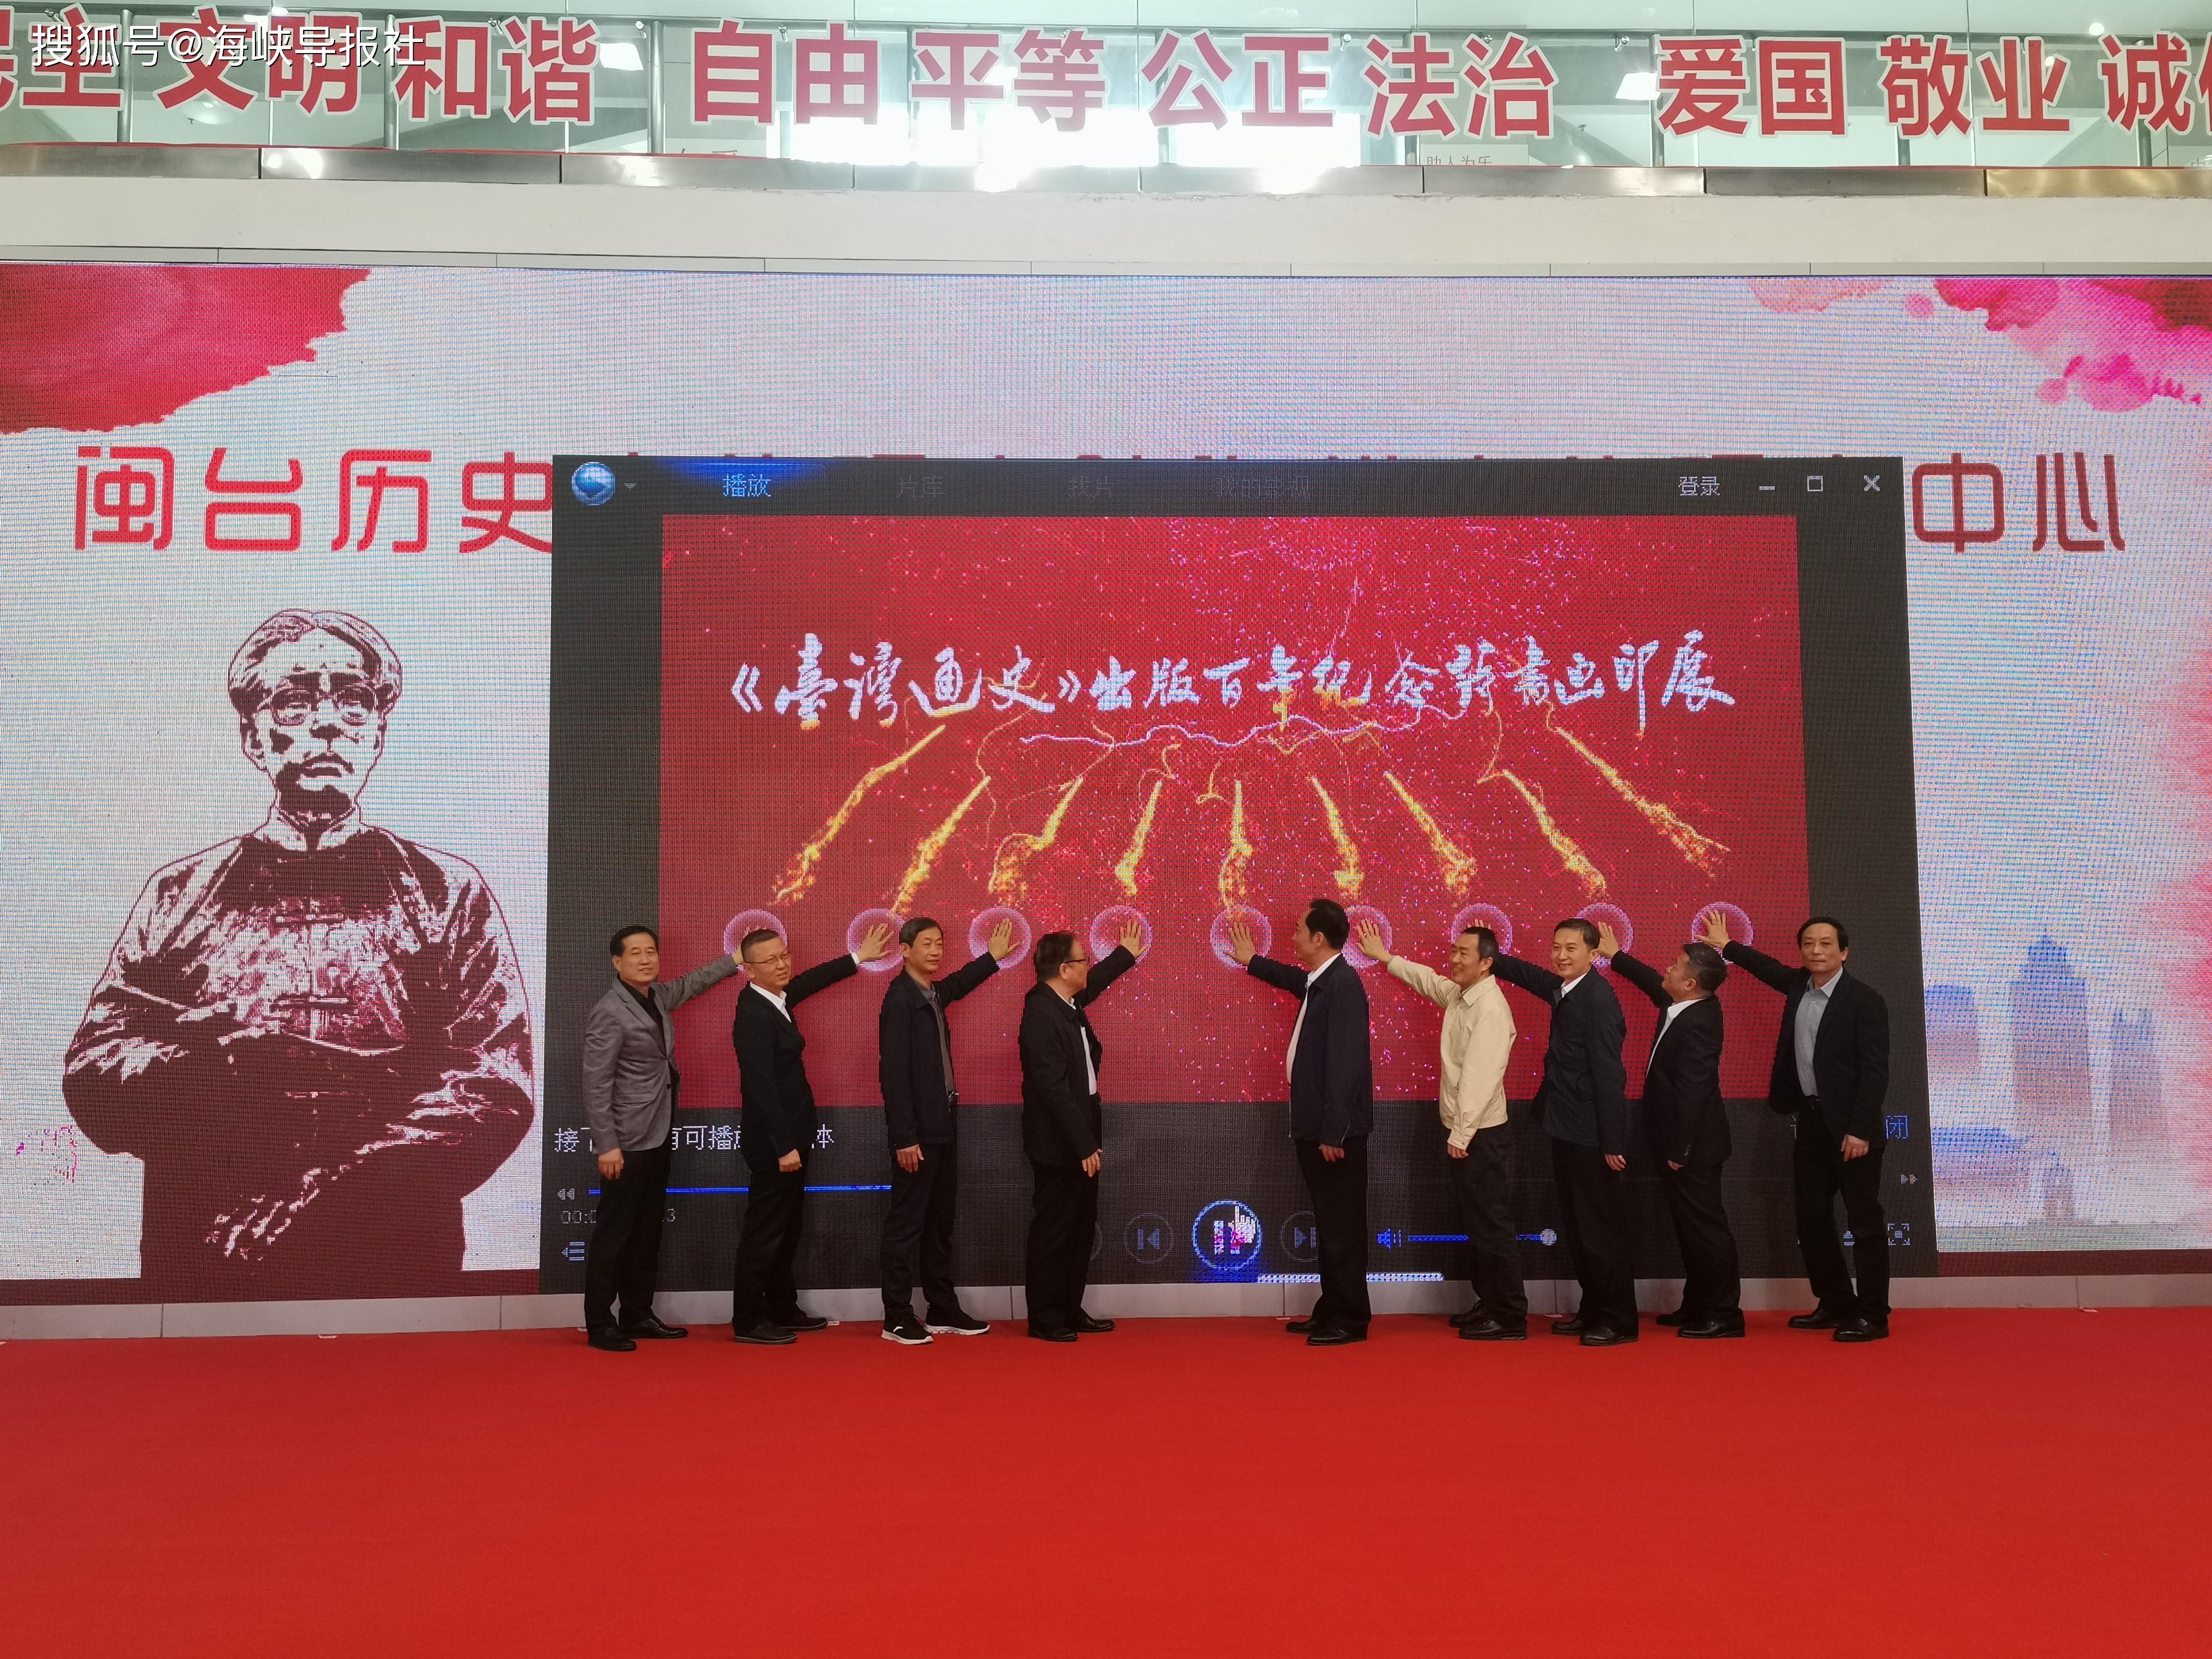 255幅诗书画印作品在厦门展览,纪念《台湾通史》出版百年